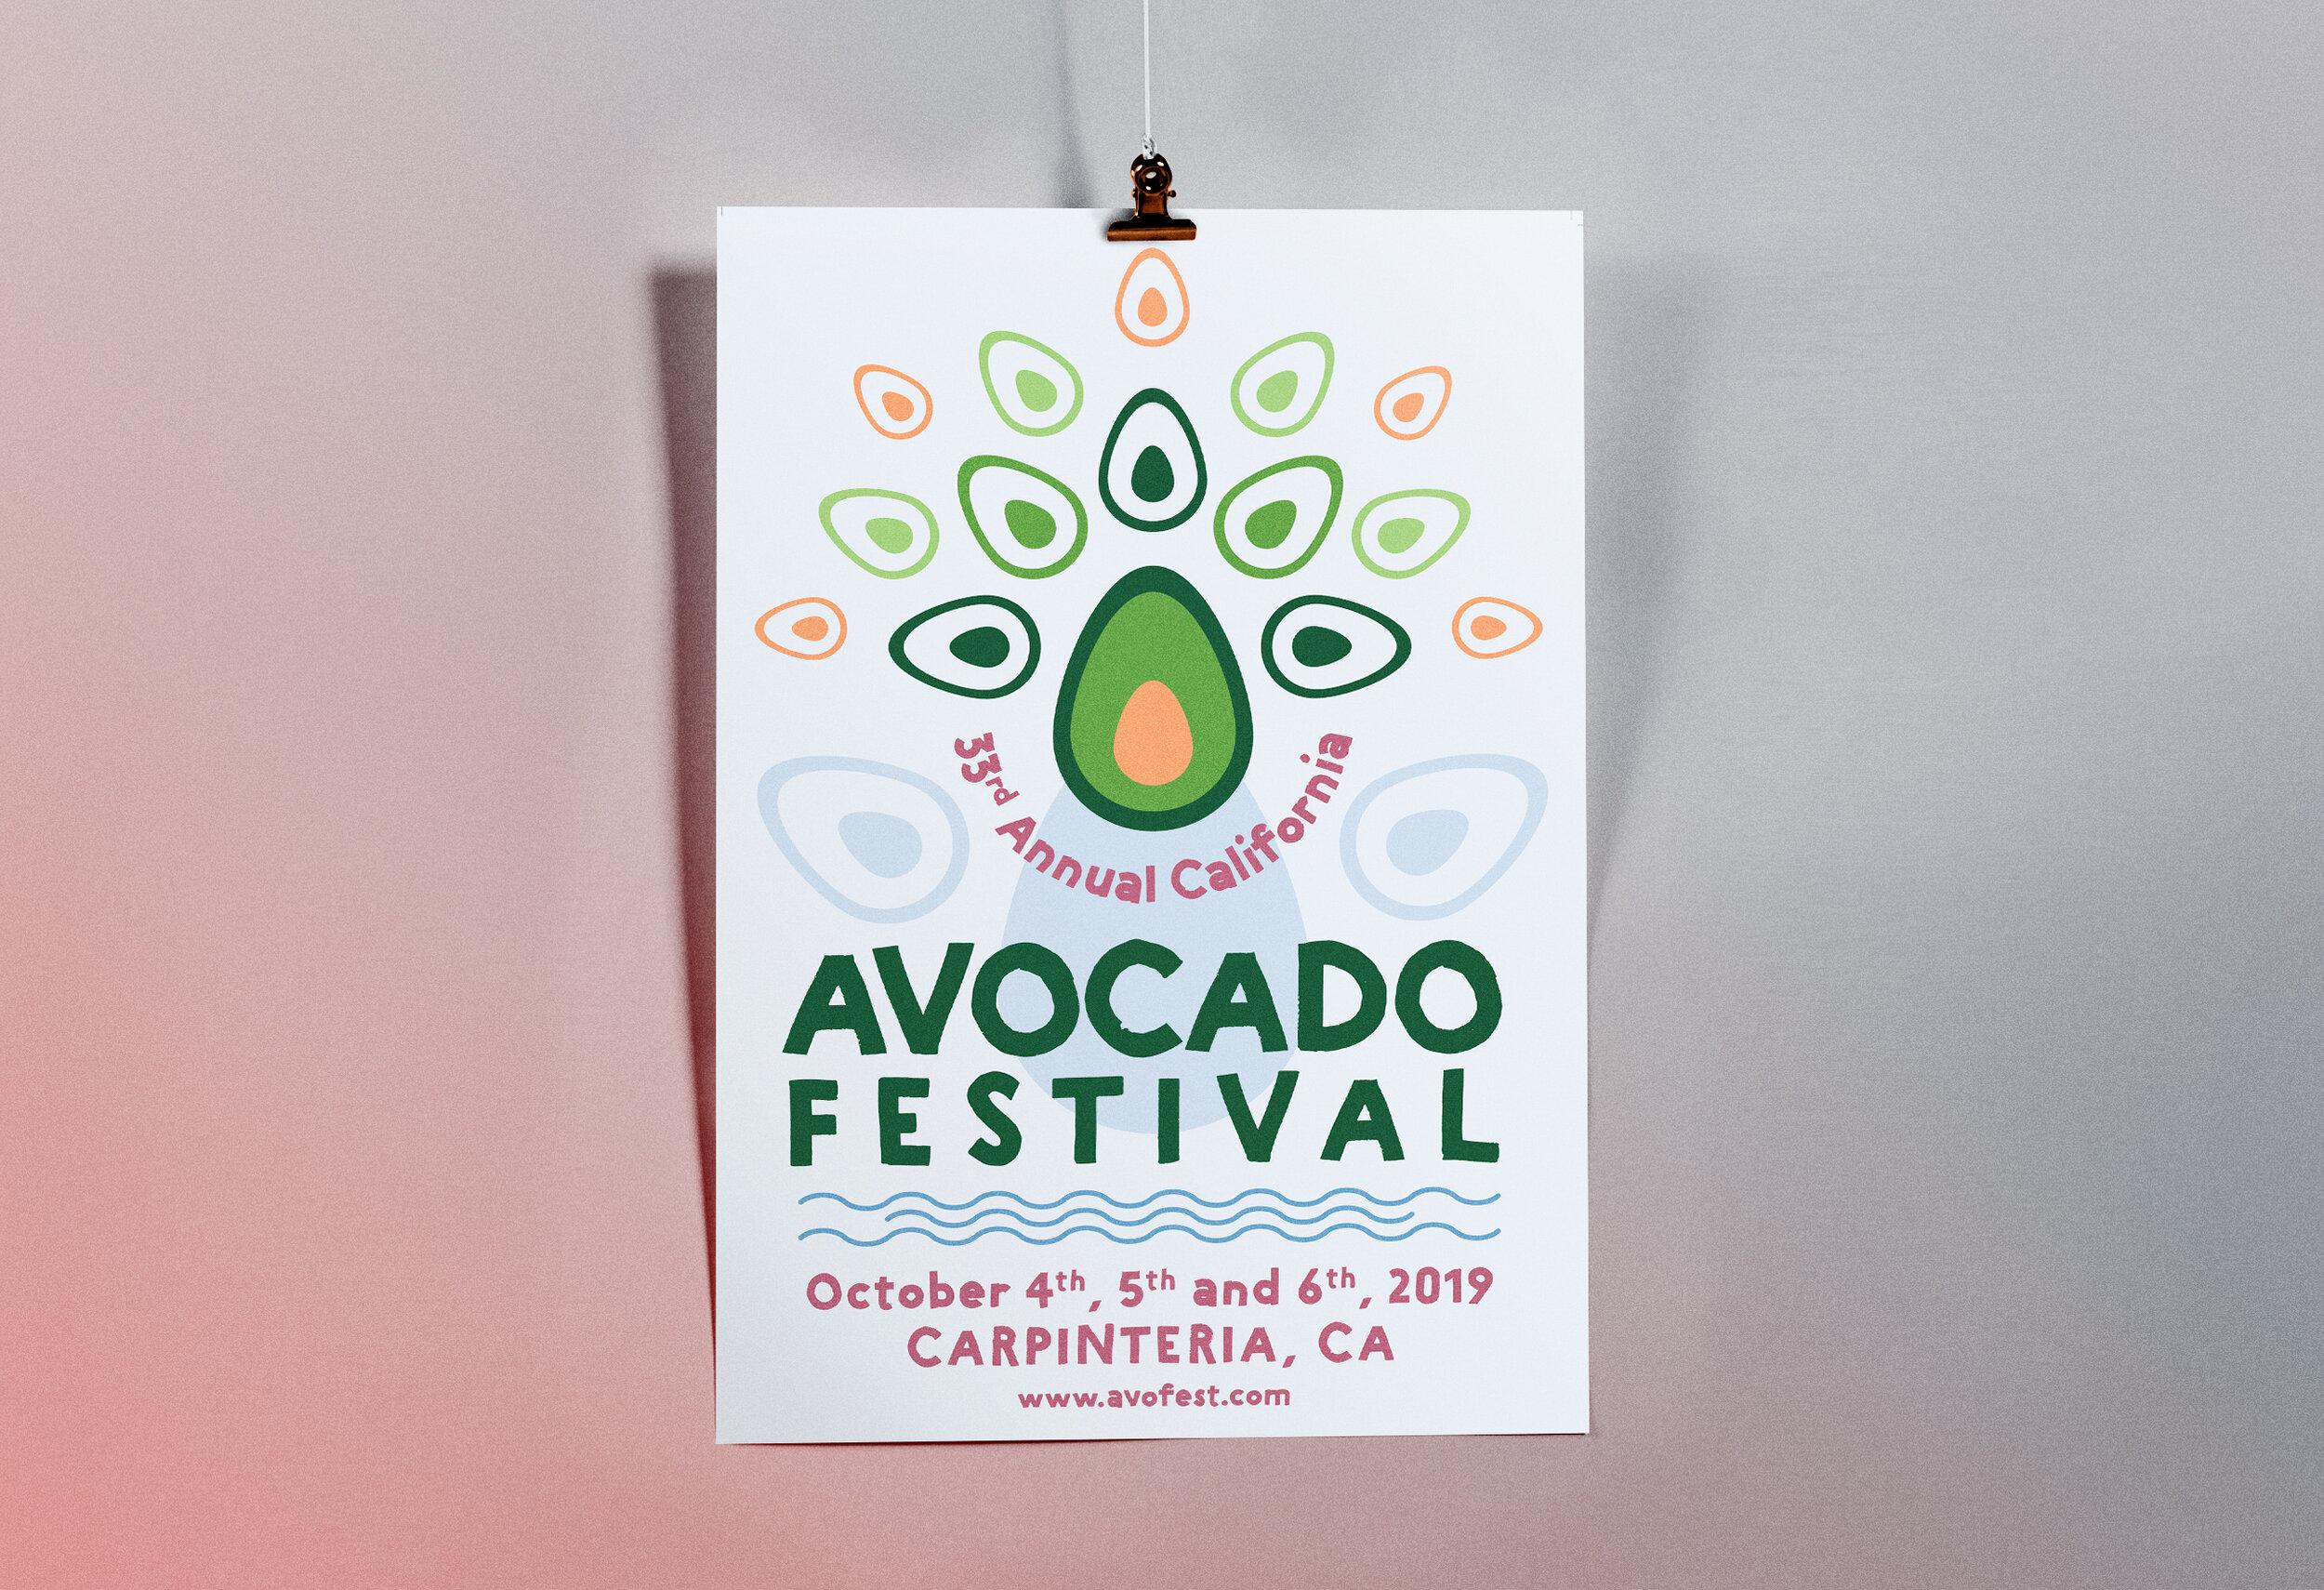 Avo-Poster-2019-3.jpg